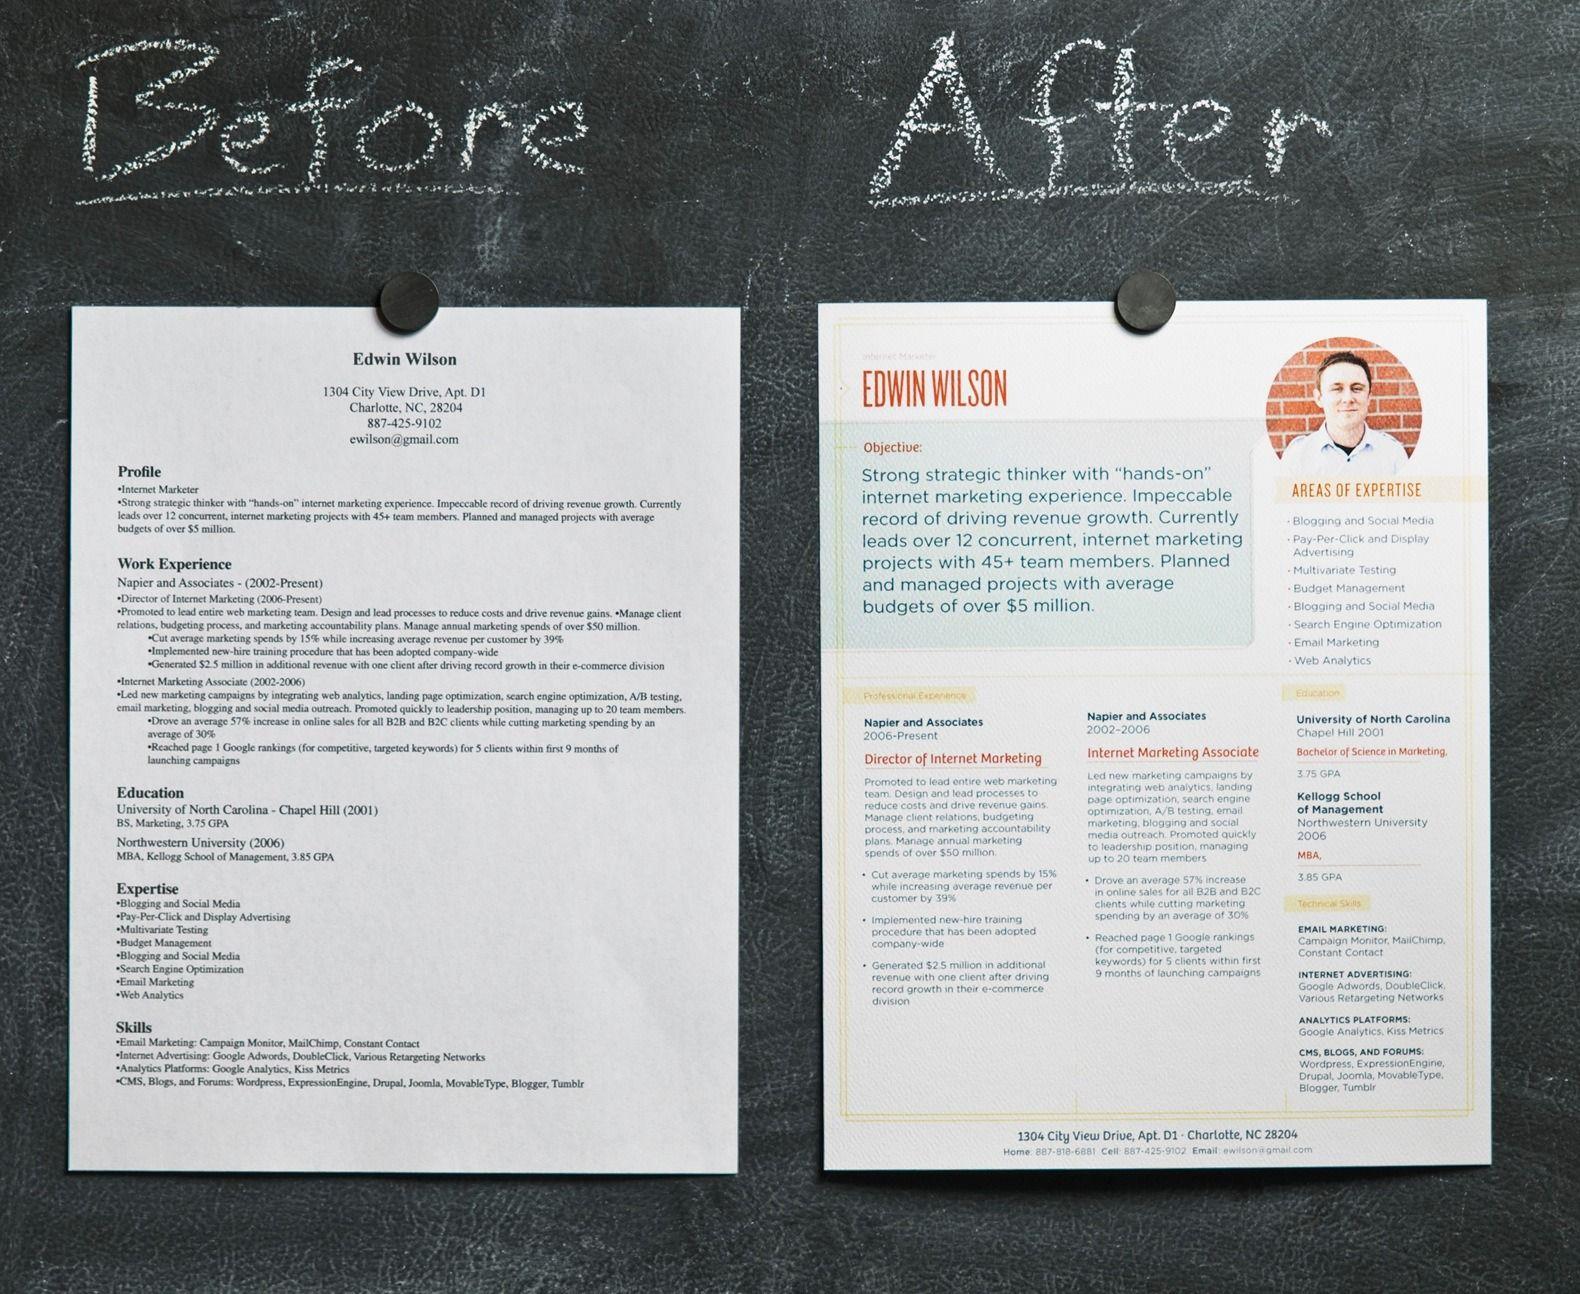 Modern Resume Format Mesmerizing Resume Formats Traditional Vsmodern Design  Edss450A Design Inspiration